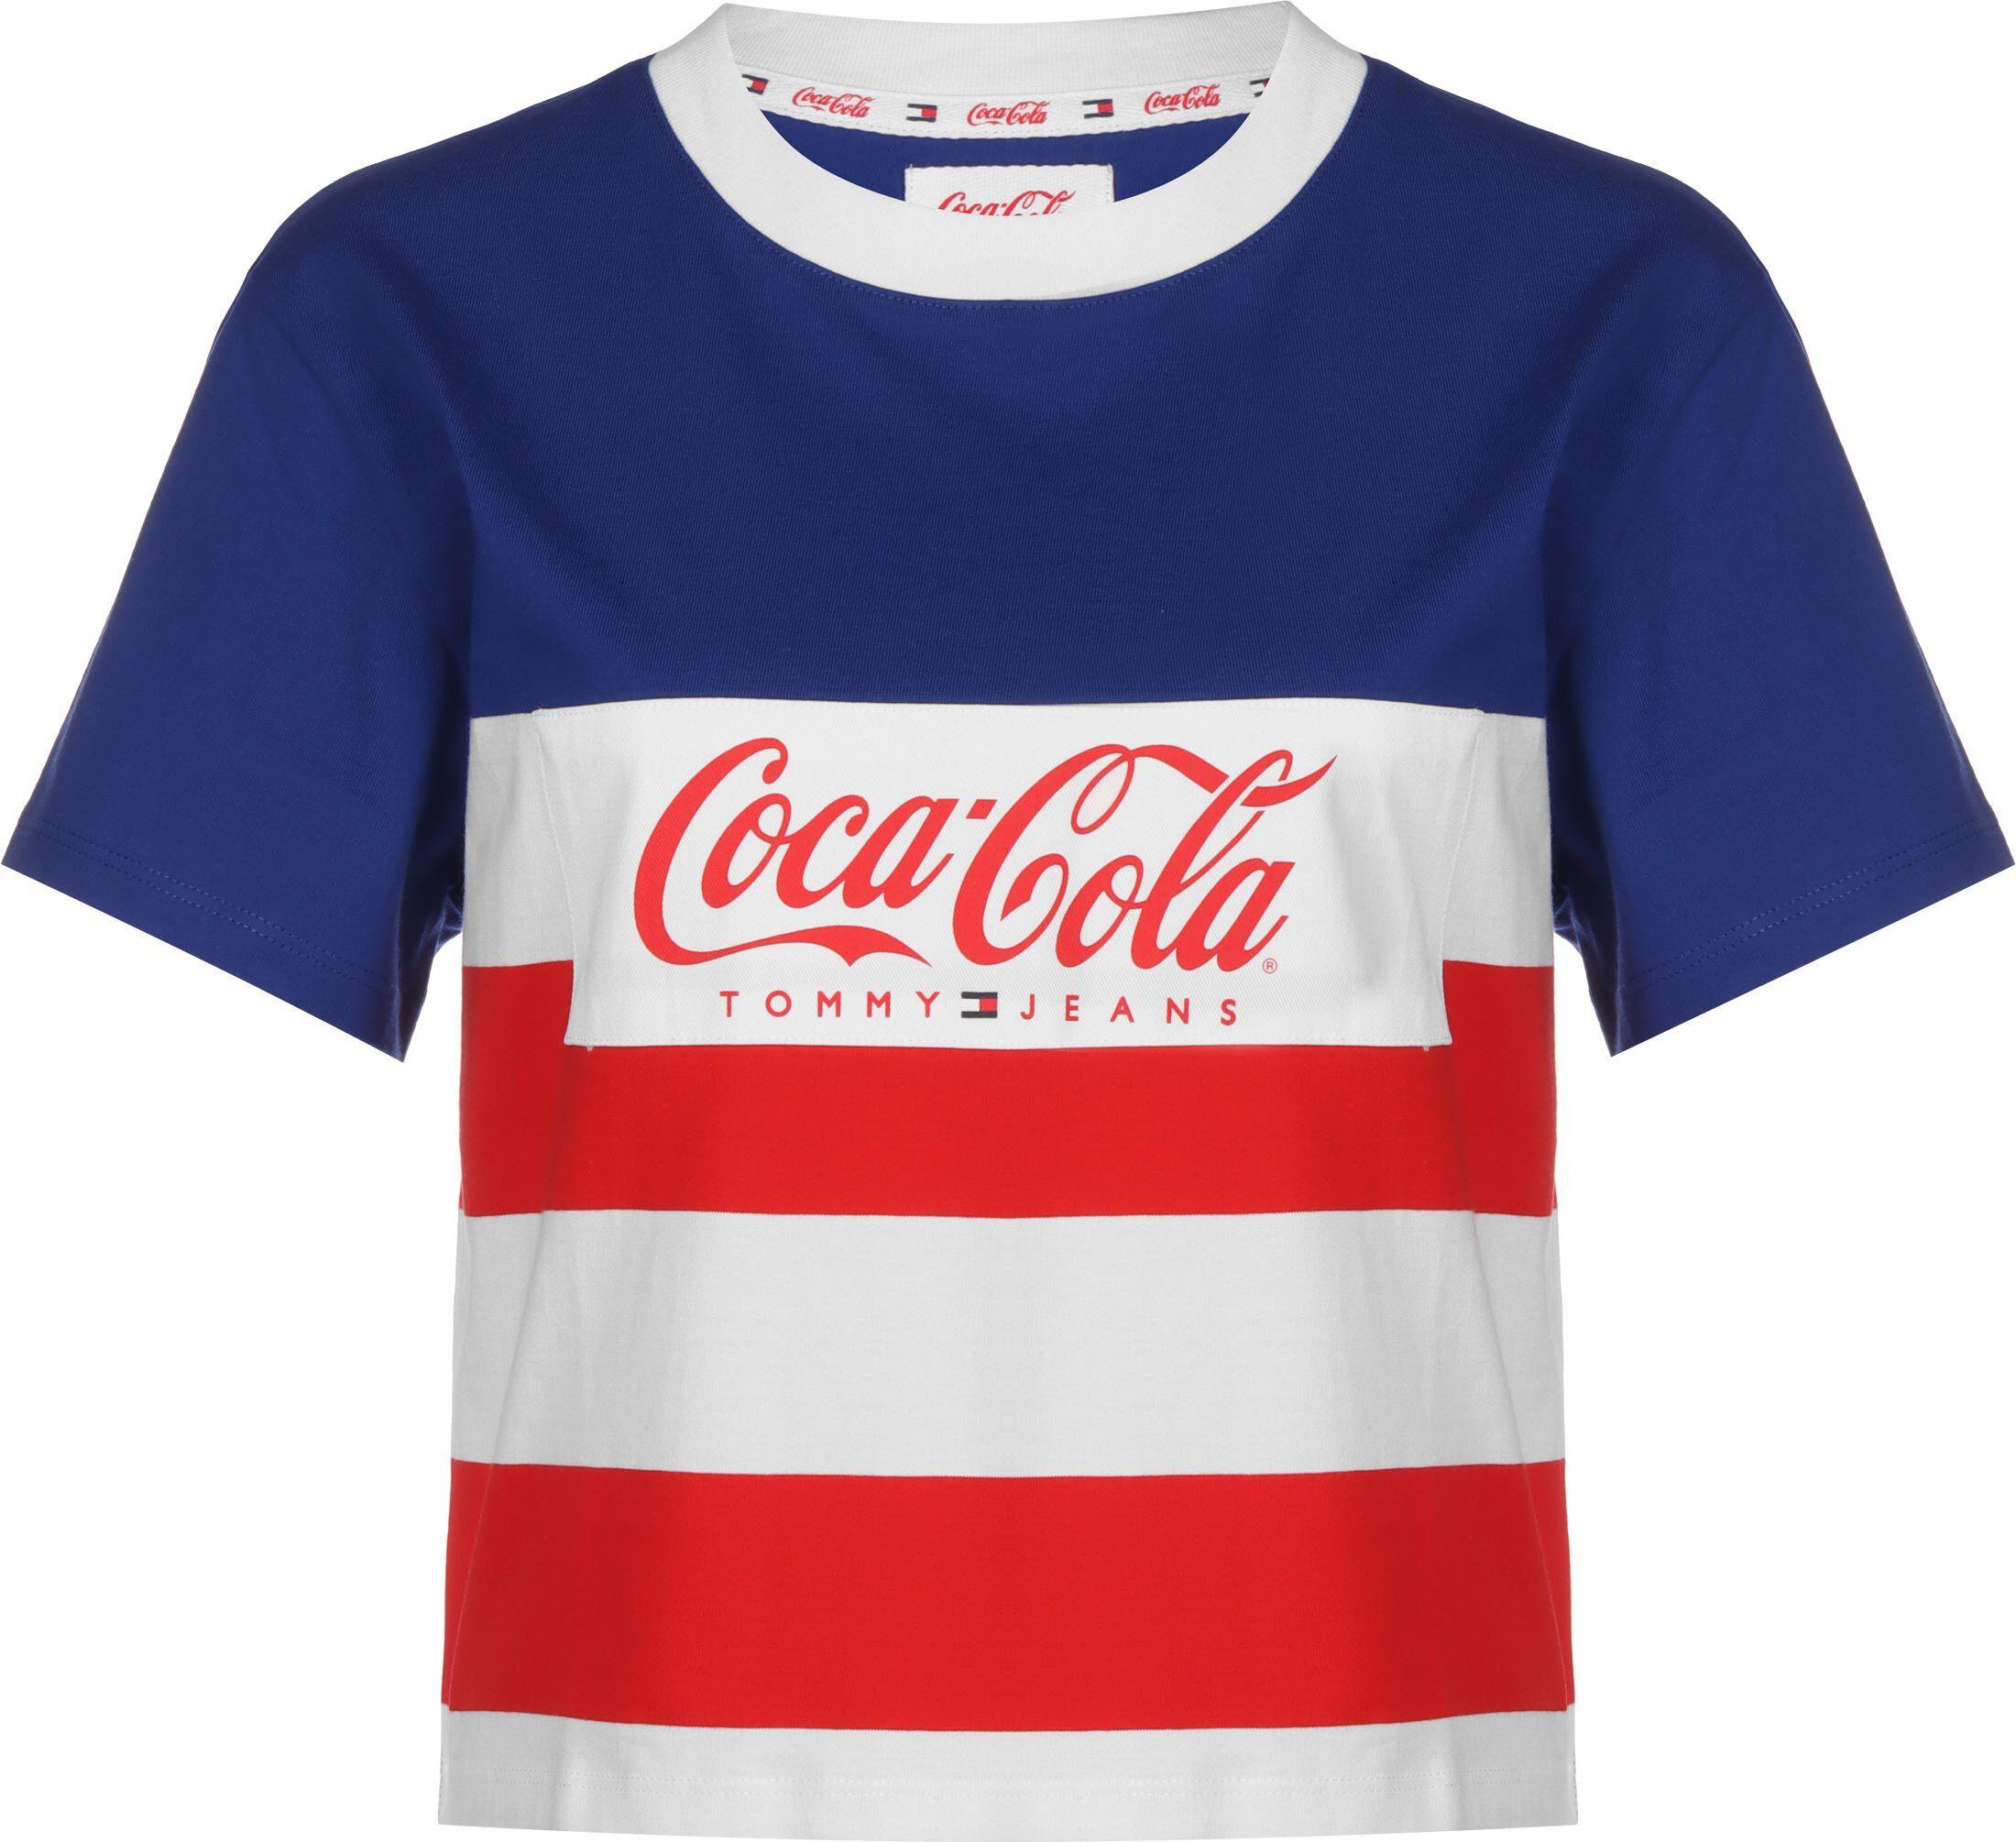 Tommy Jeans X Coca Cola, taille L, femme, bleu